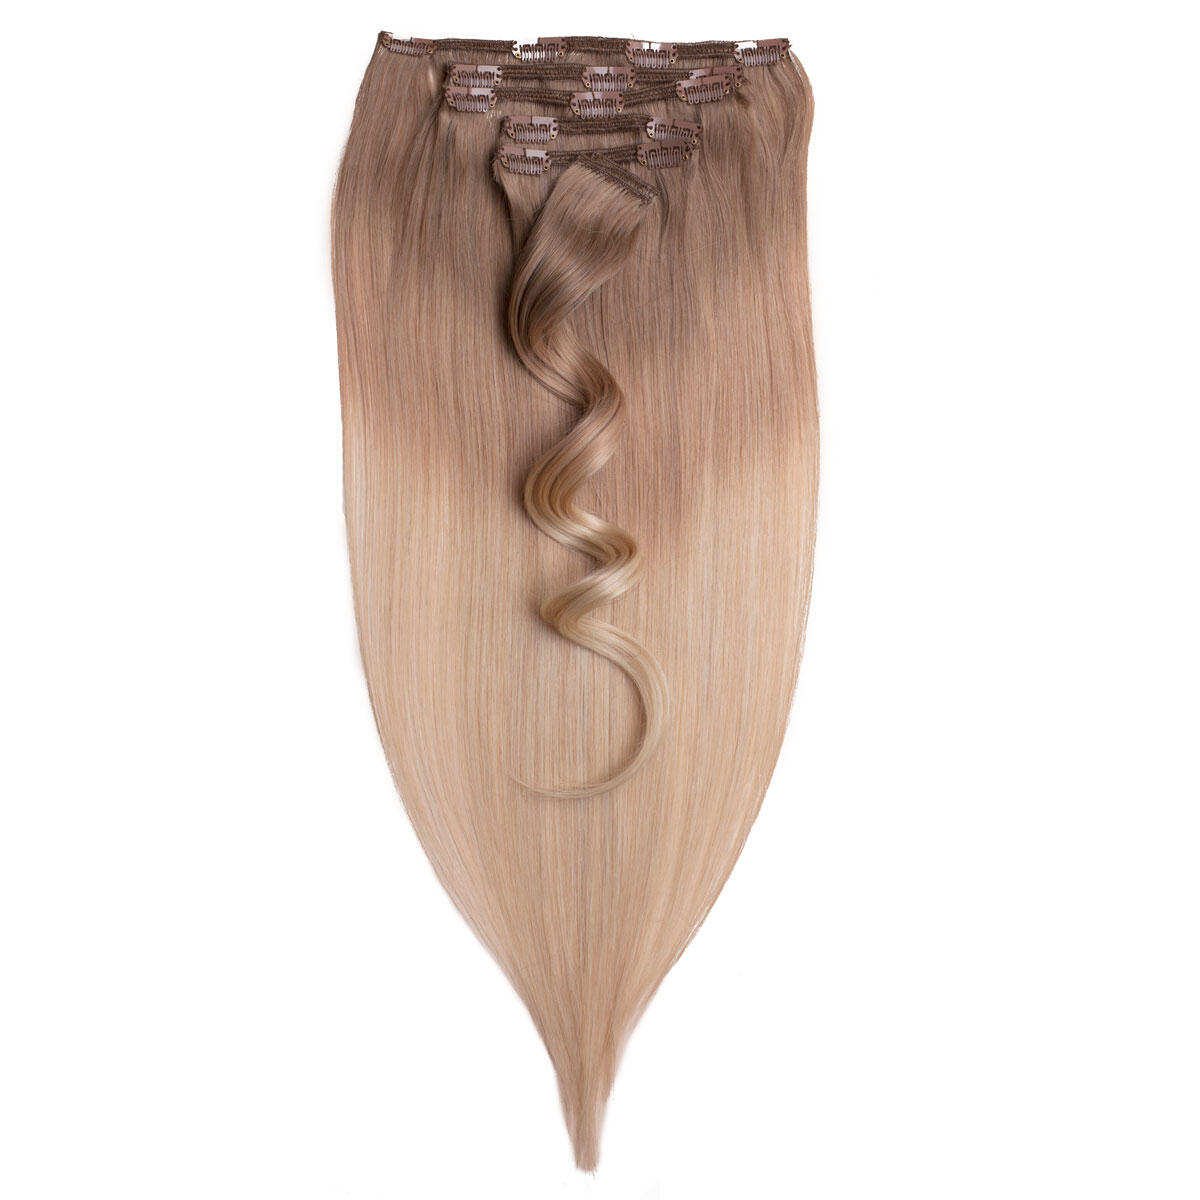 Clip-on Set Premium 7 pieces O7.3/10.8 Cendre Ash Blond Ombre 50 cm